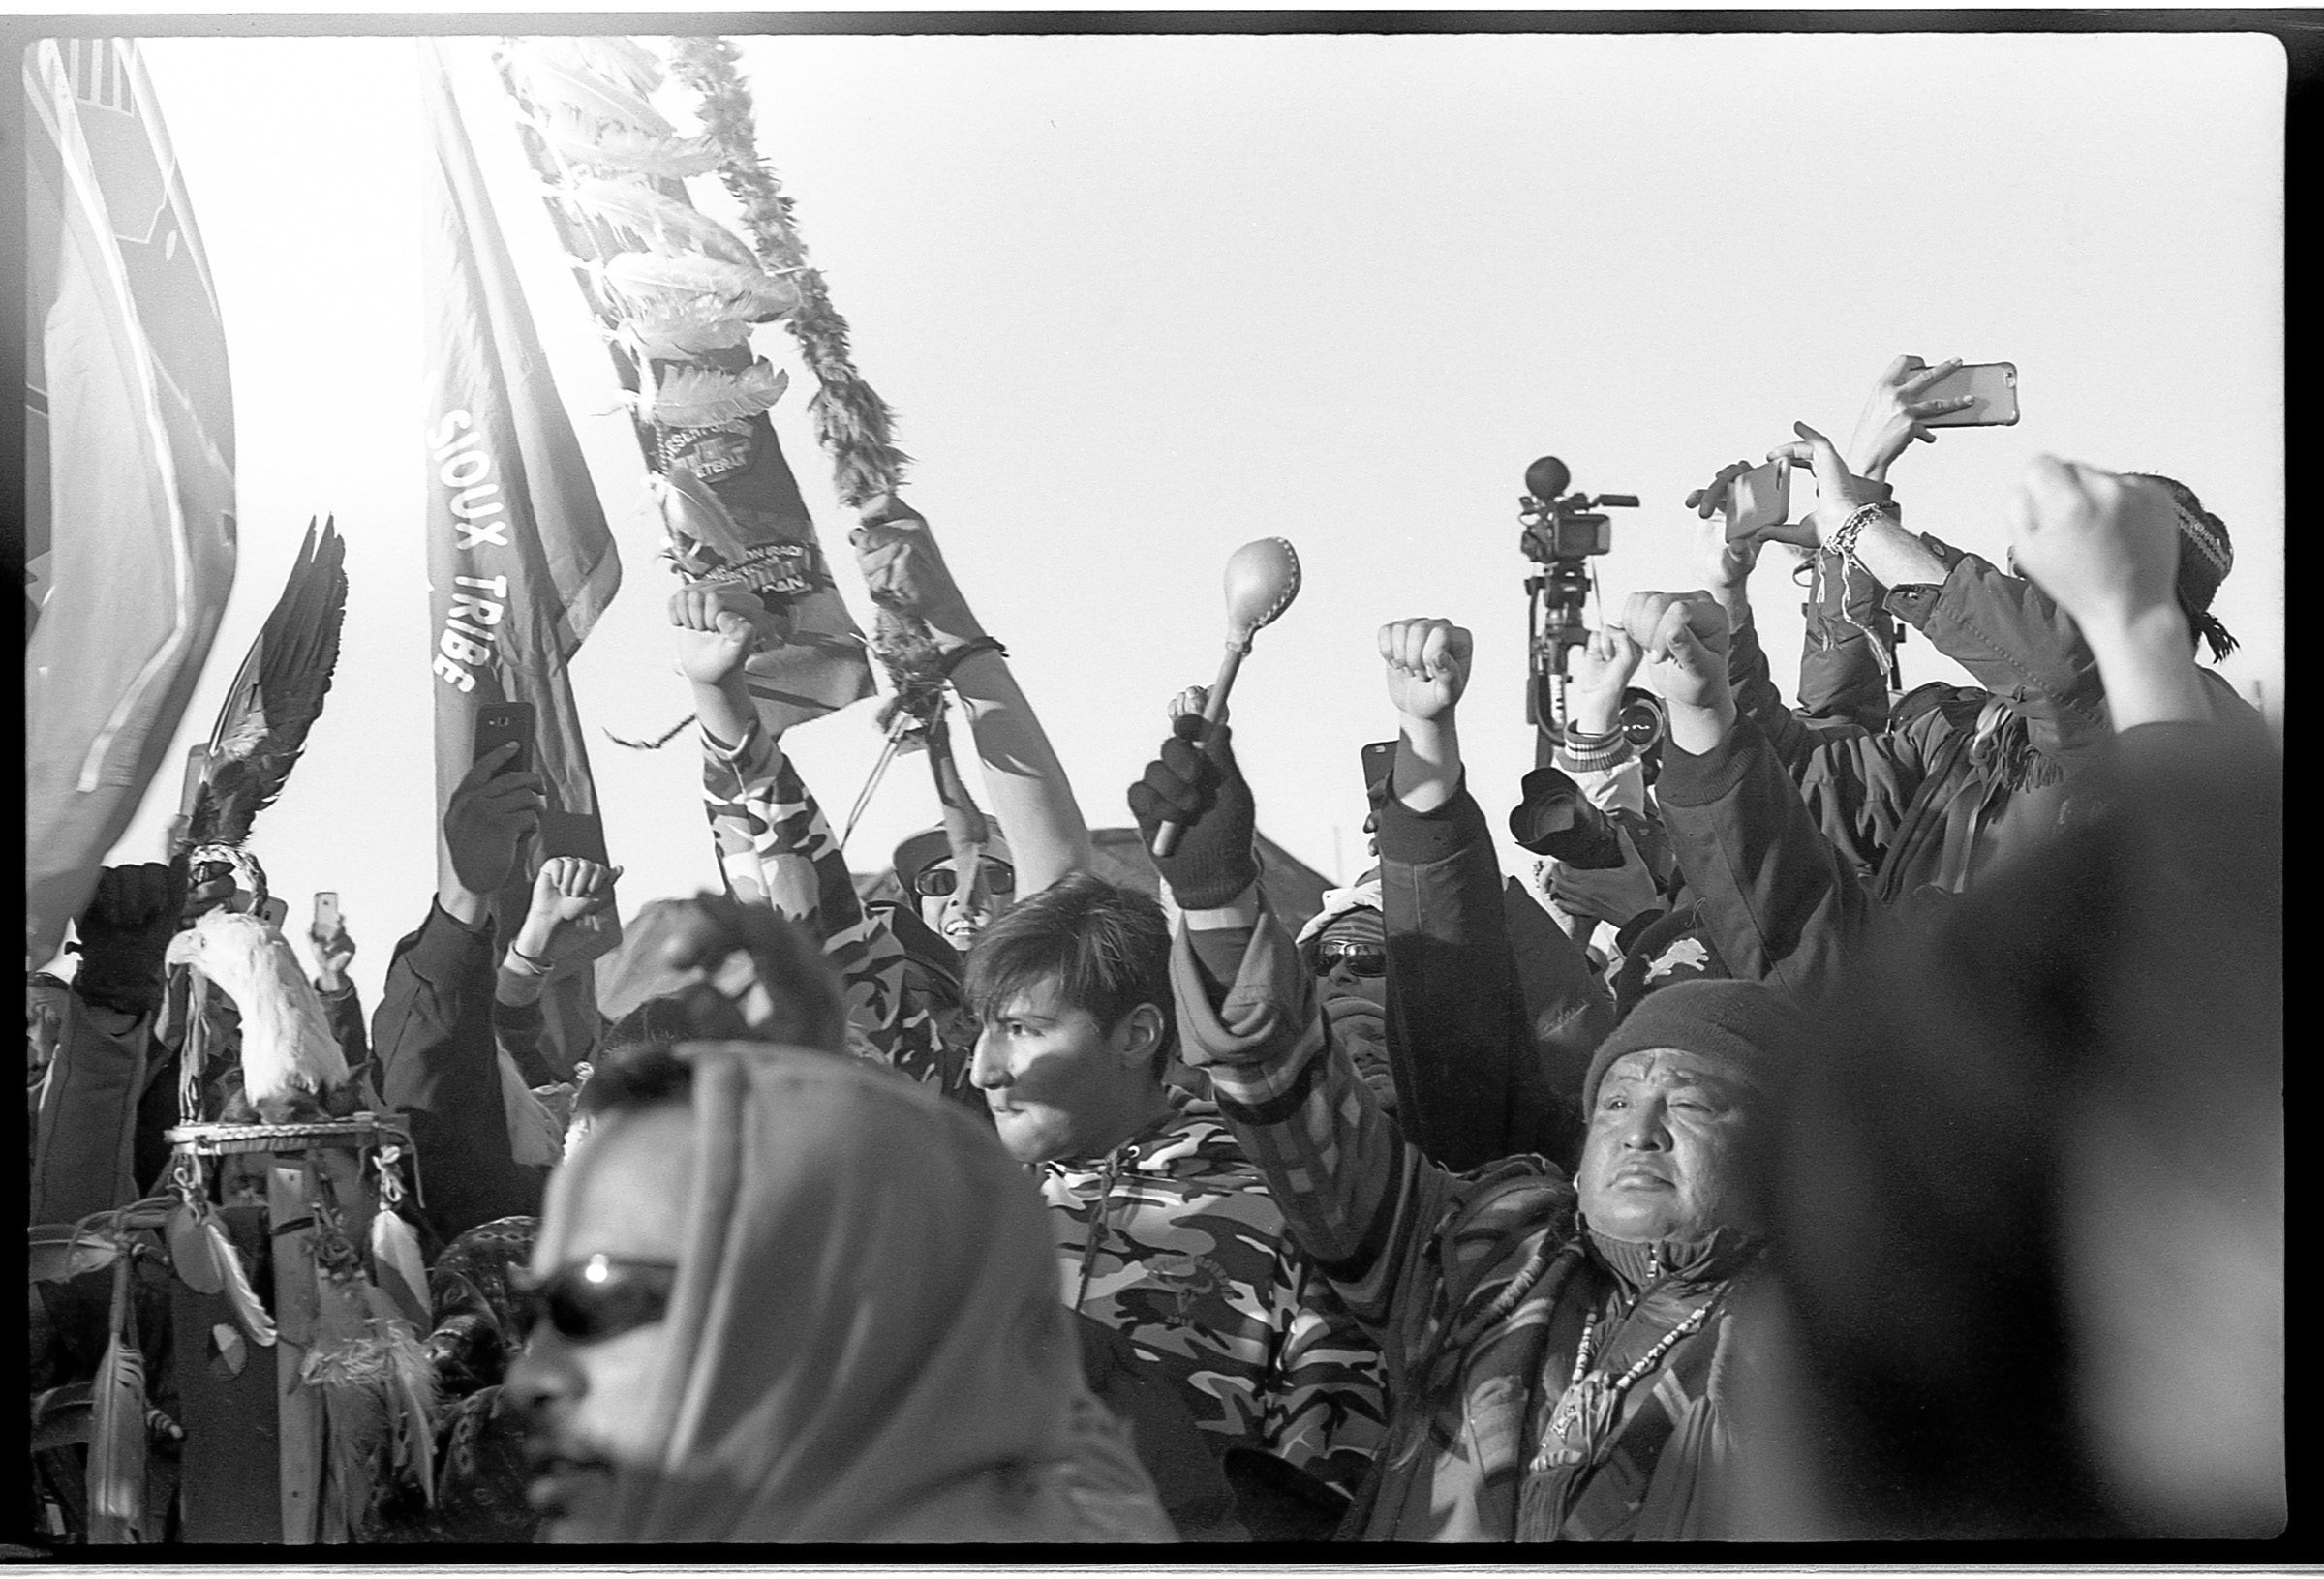 Standing Rock050 as Smart Object-1.jpg